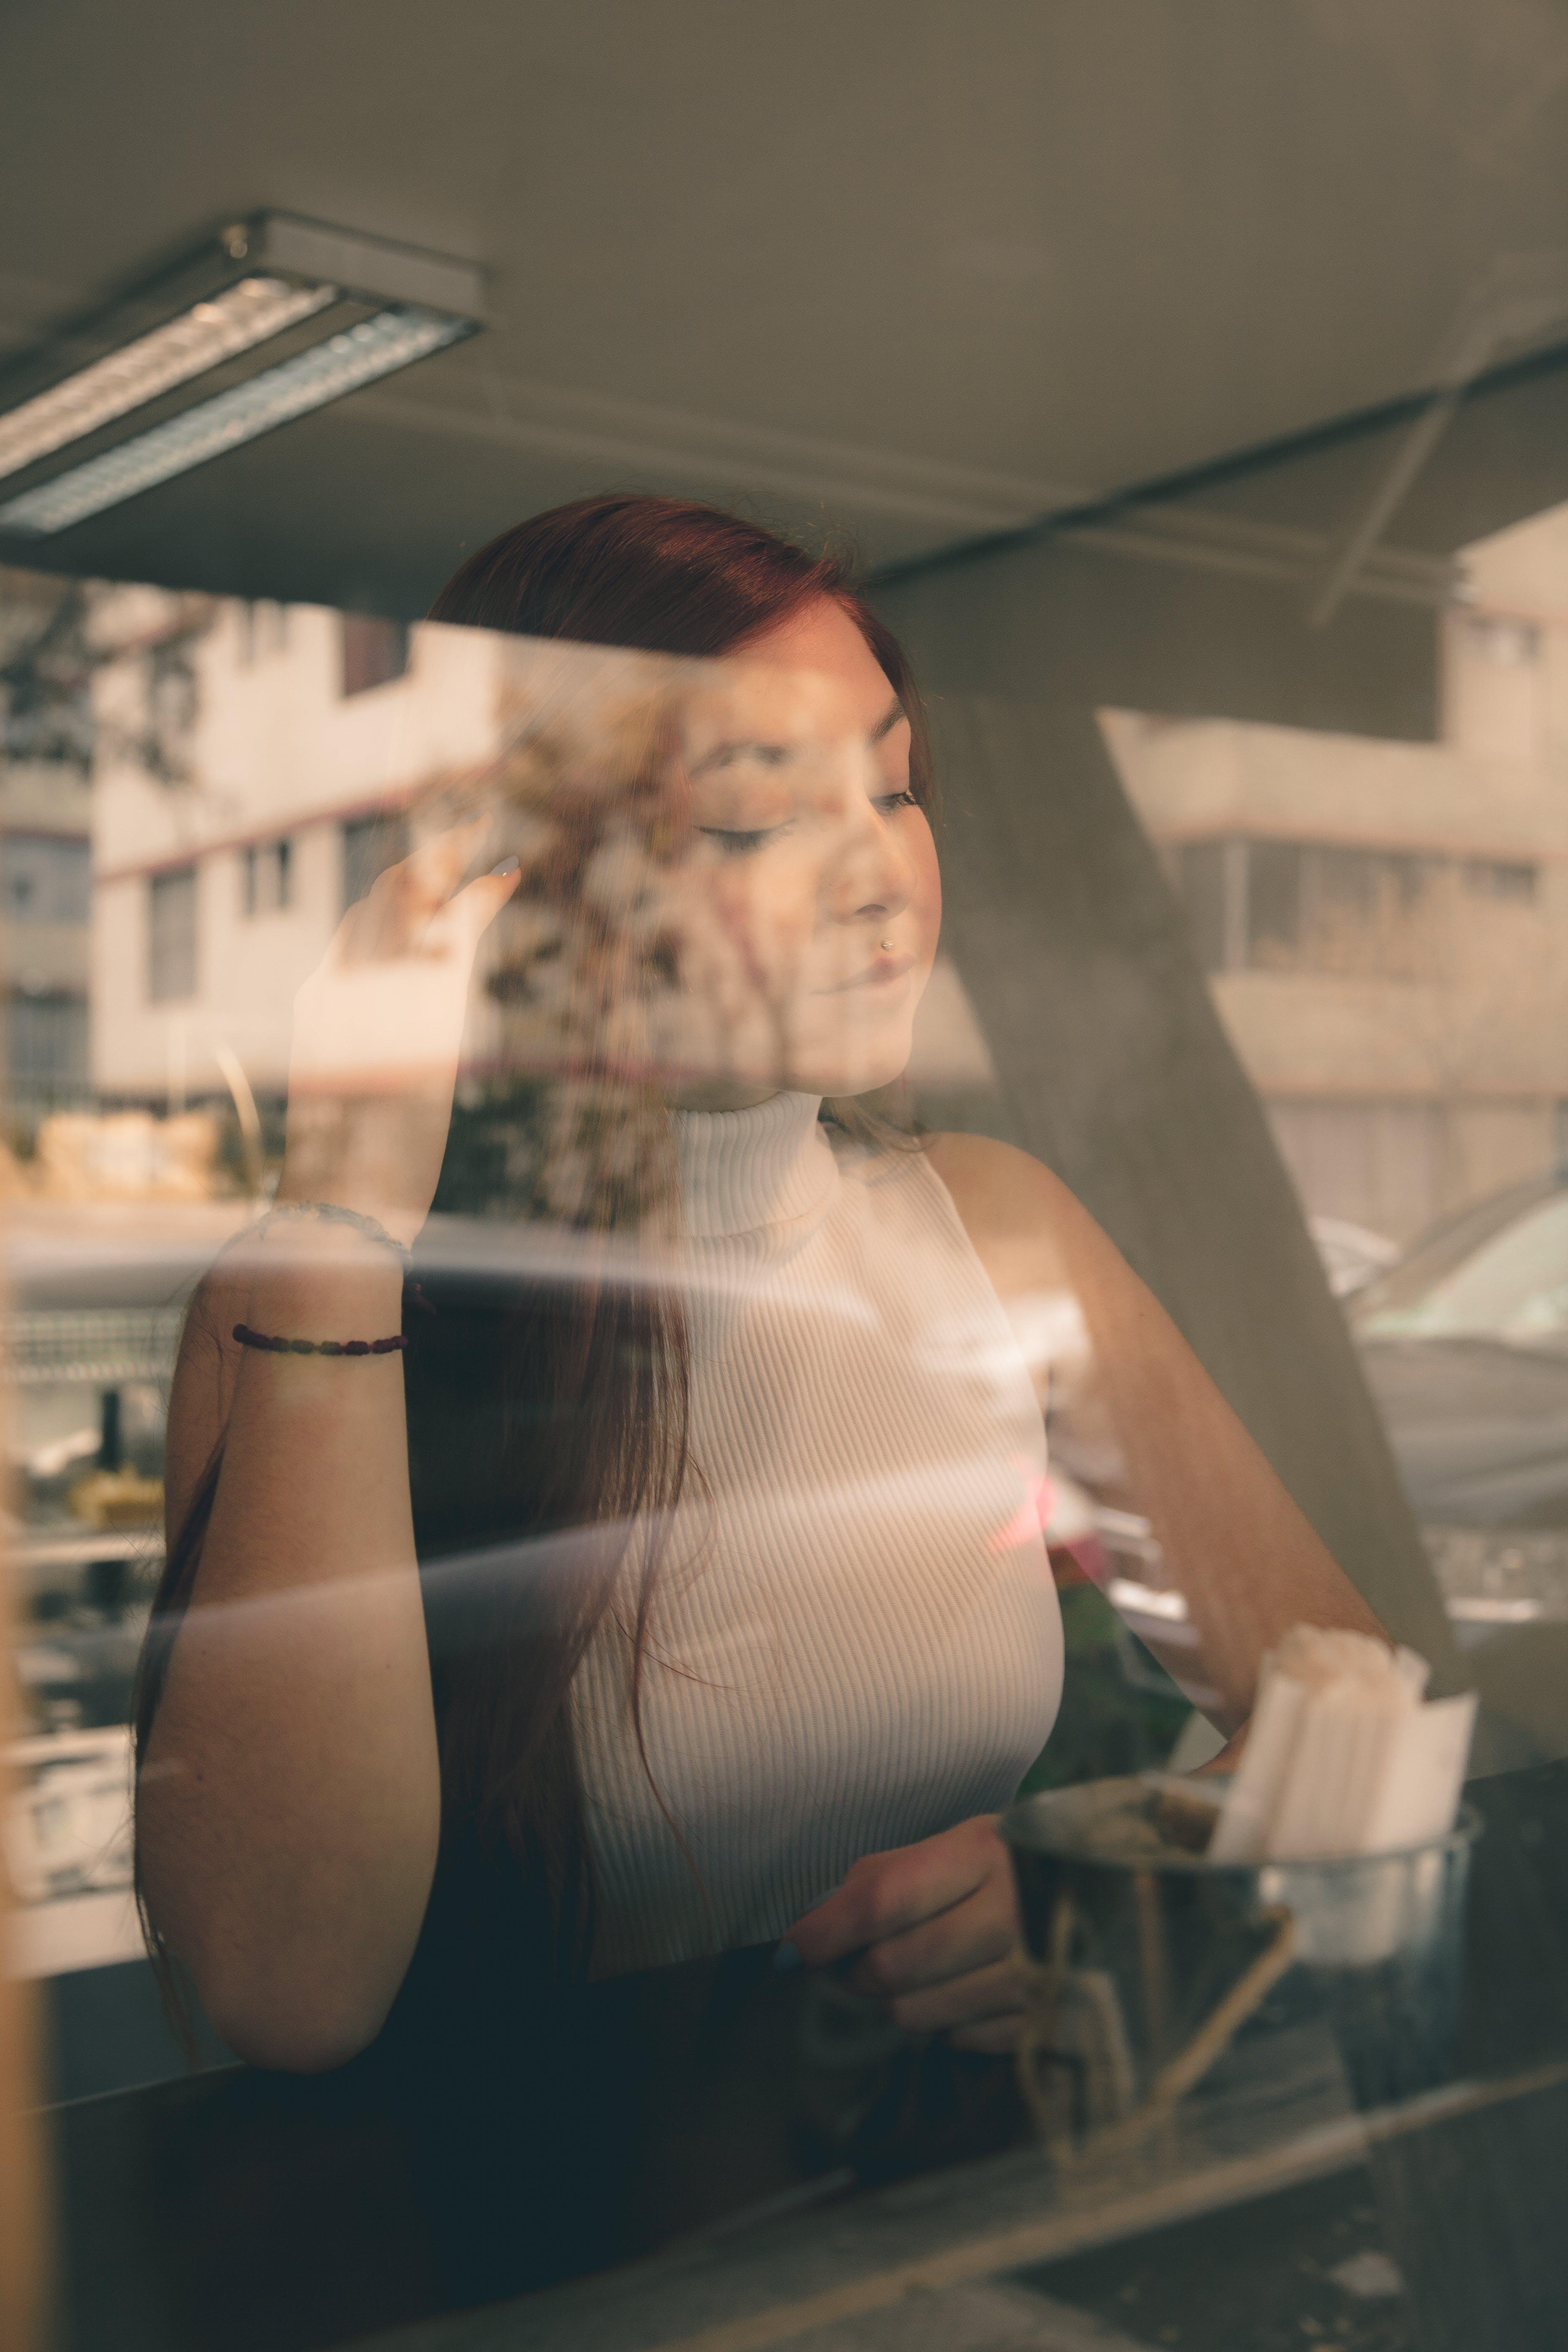 Kostenloses Stock Foto zu auto, drinnen, erholung, erwachsener